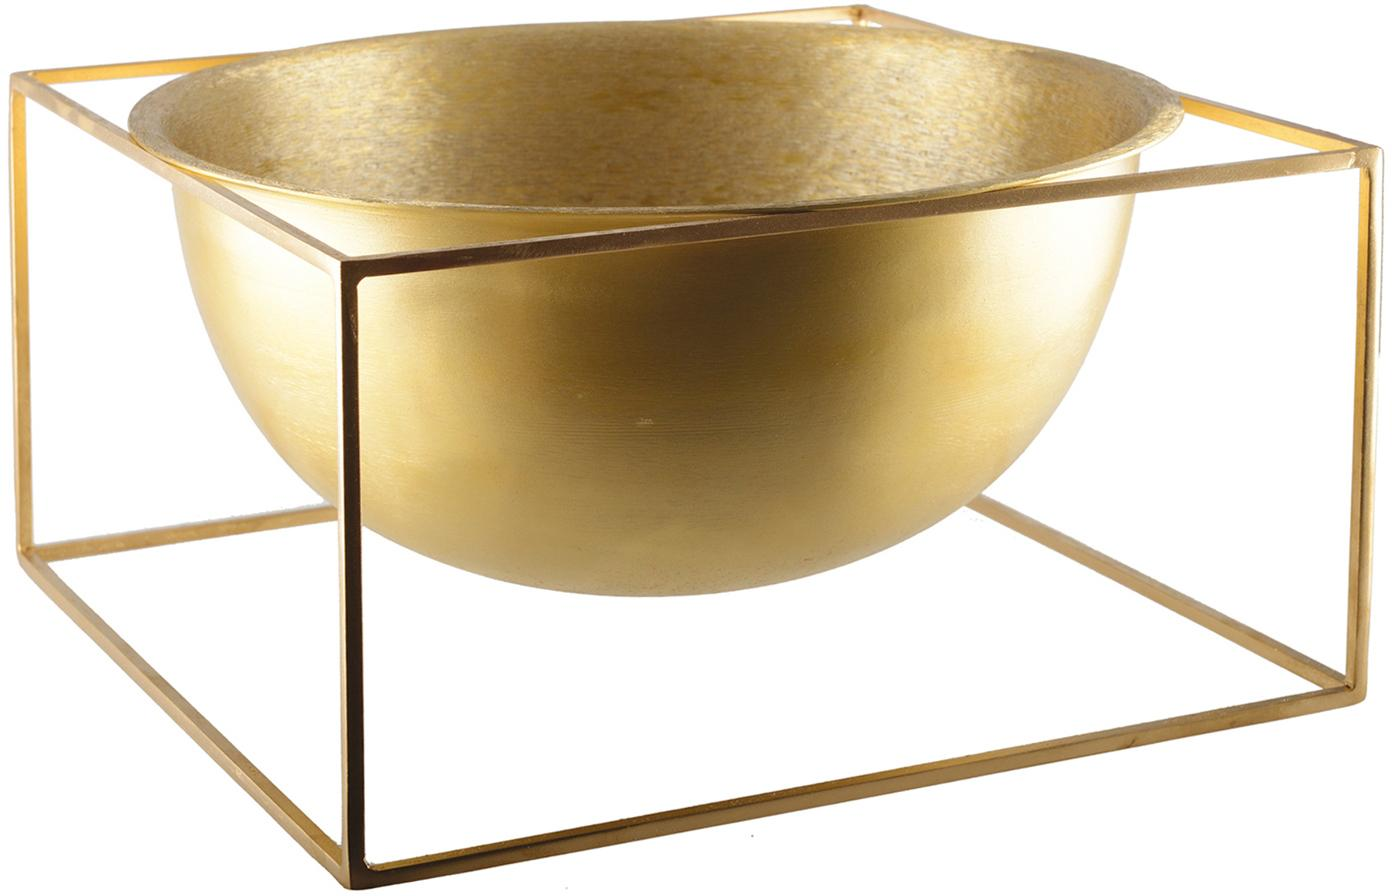 Ciotola decorativa dorata Shadon, Alluminio rivestito, Dorato, Larg. 32 x Alt. 17 cm